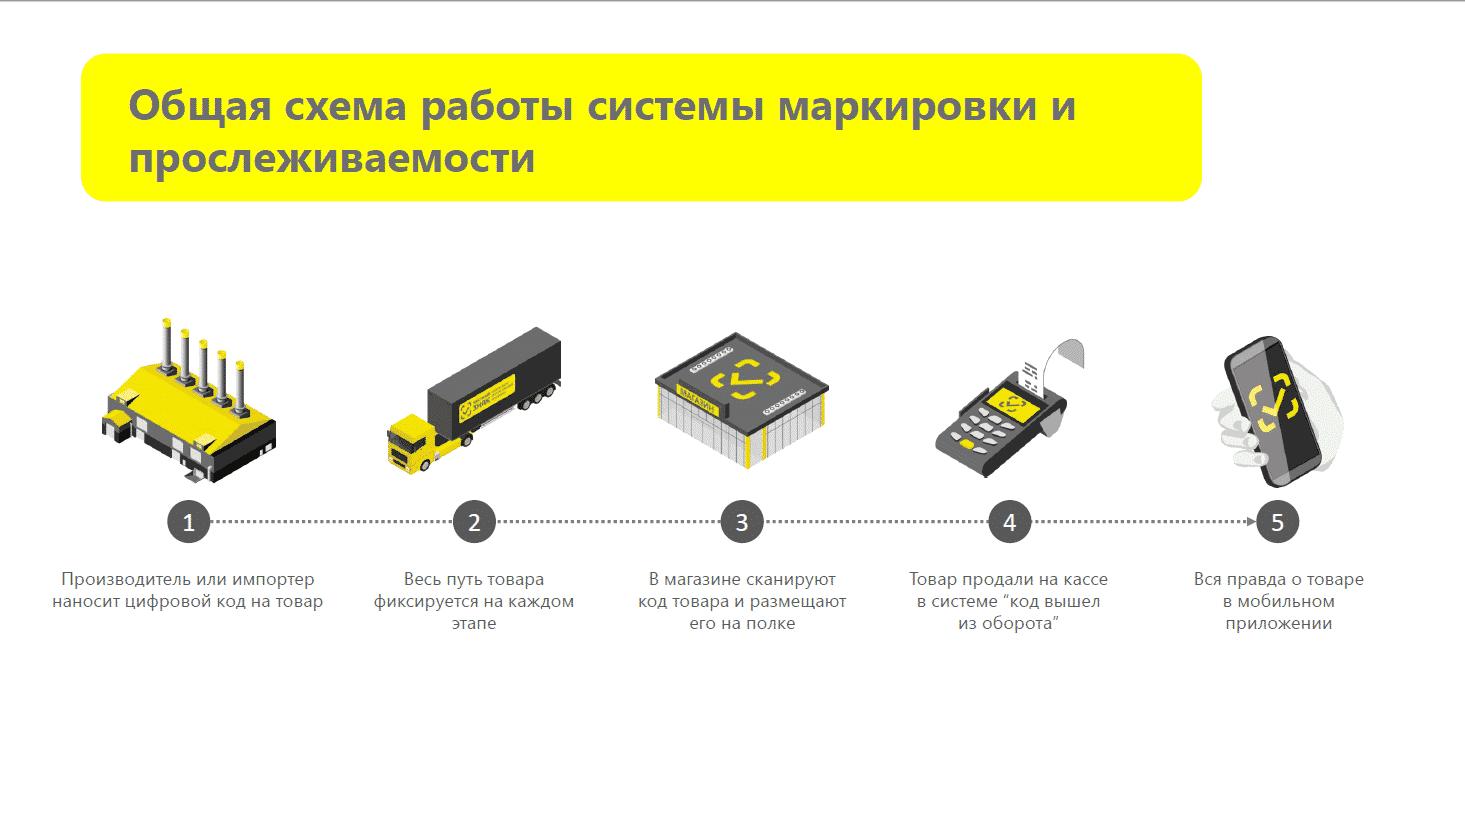 Схема работы системы цифровой маркировки